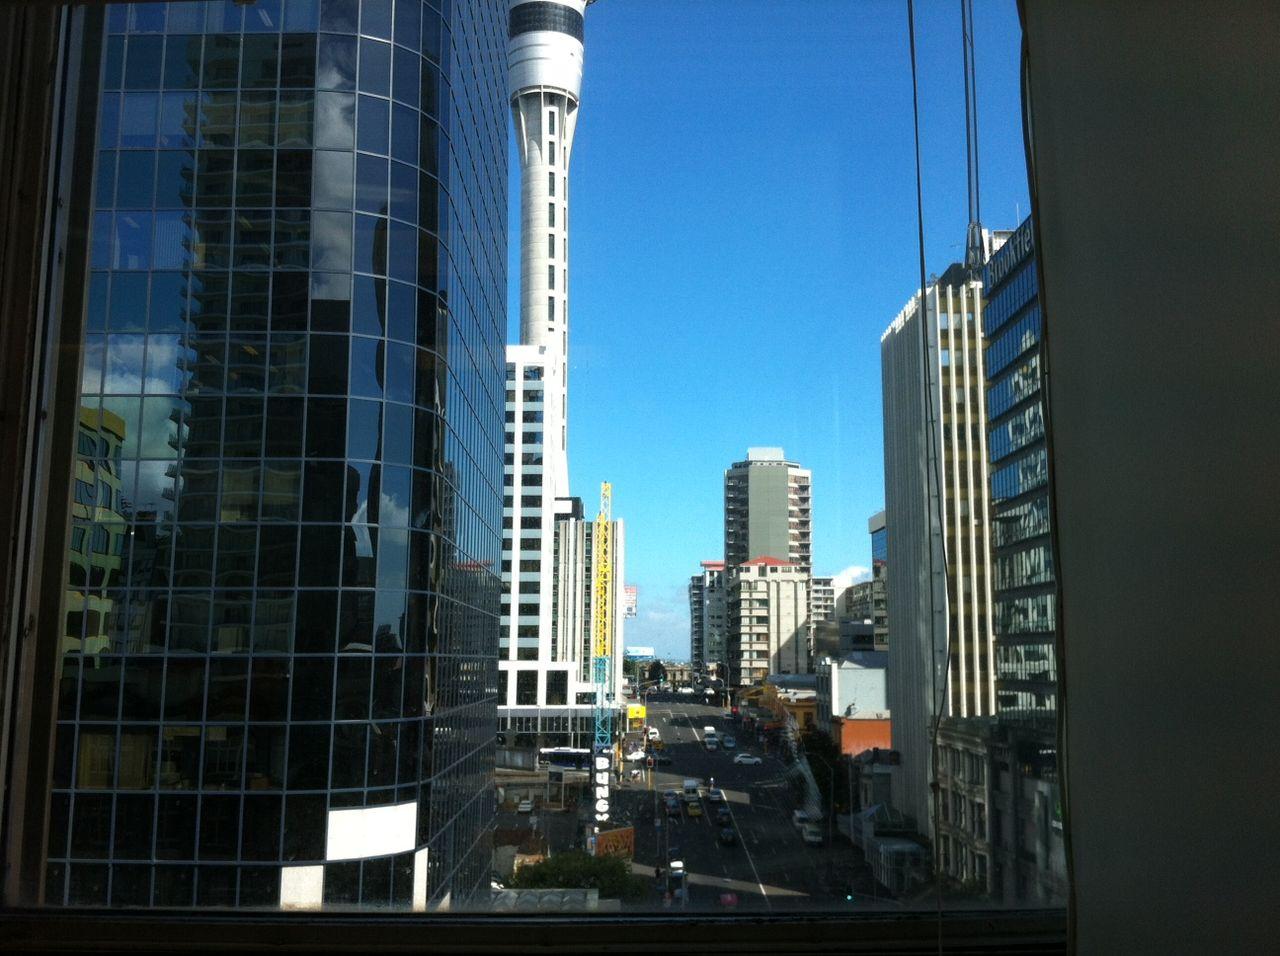 Aucklandphoto